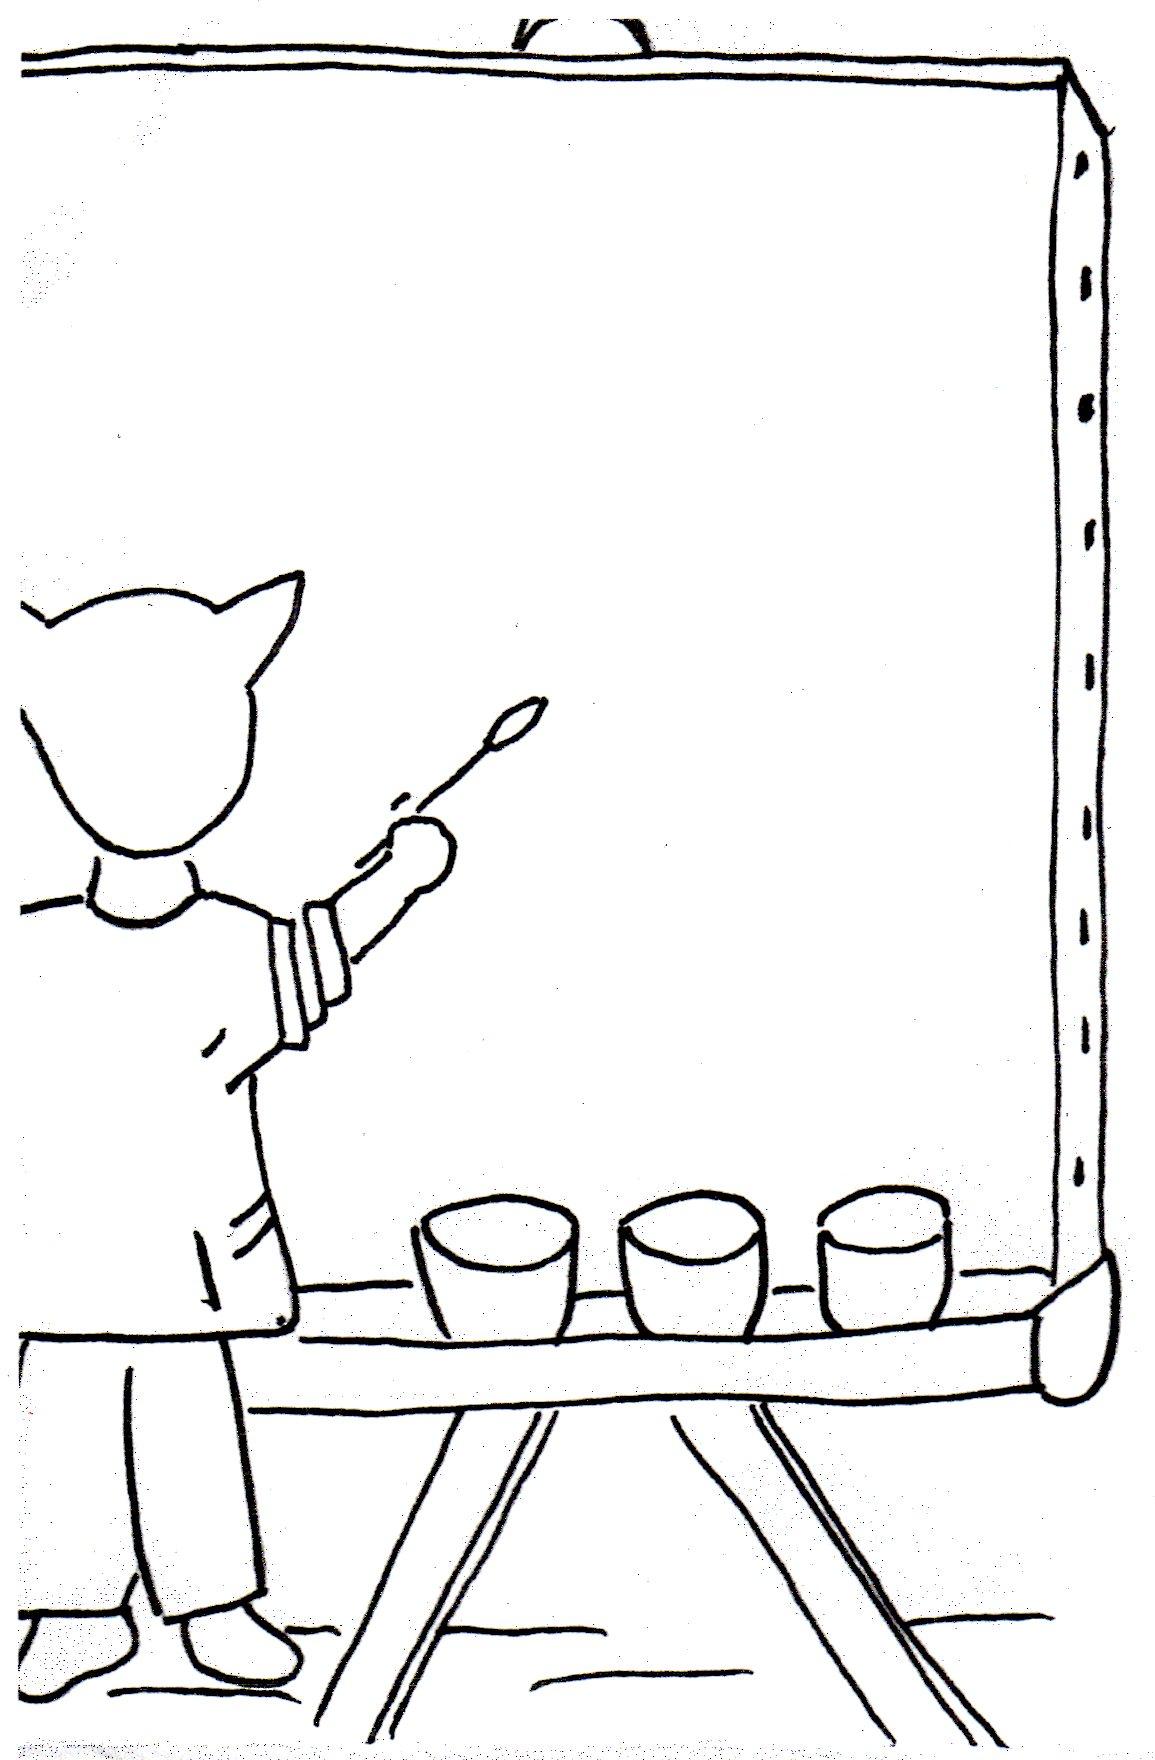 dessin pour étiquettes porte-manteaux